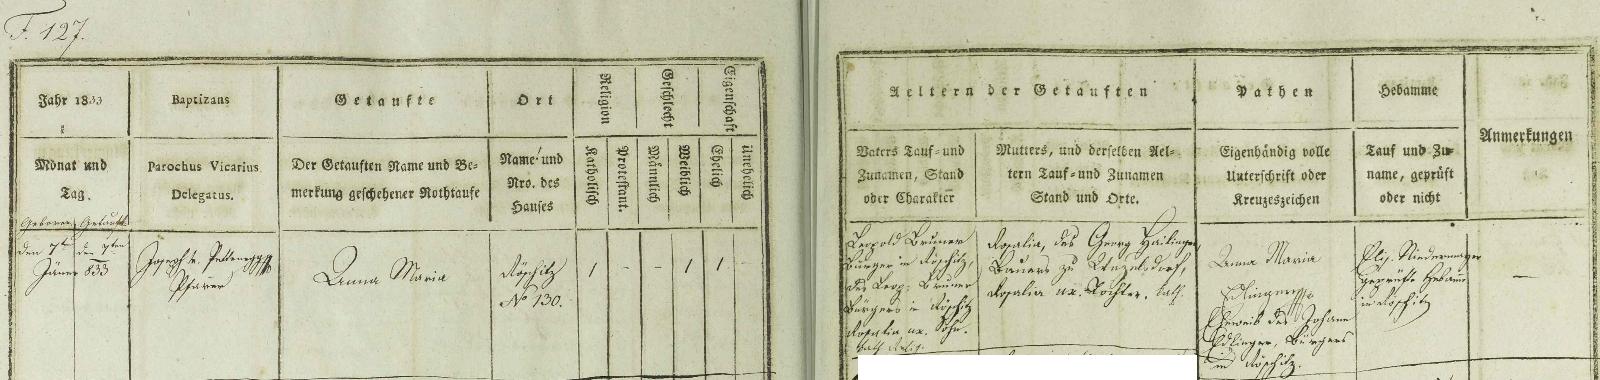 Záznam dolnorakouské matriky o narození jeho první ženy Anny Marie dne 7. ledna roku 1833 v městysi Röschitz ve vídeňské arcidiecézi